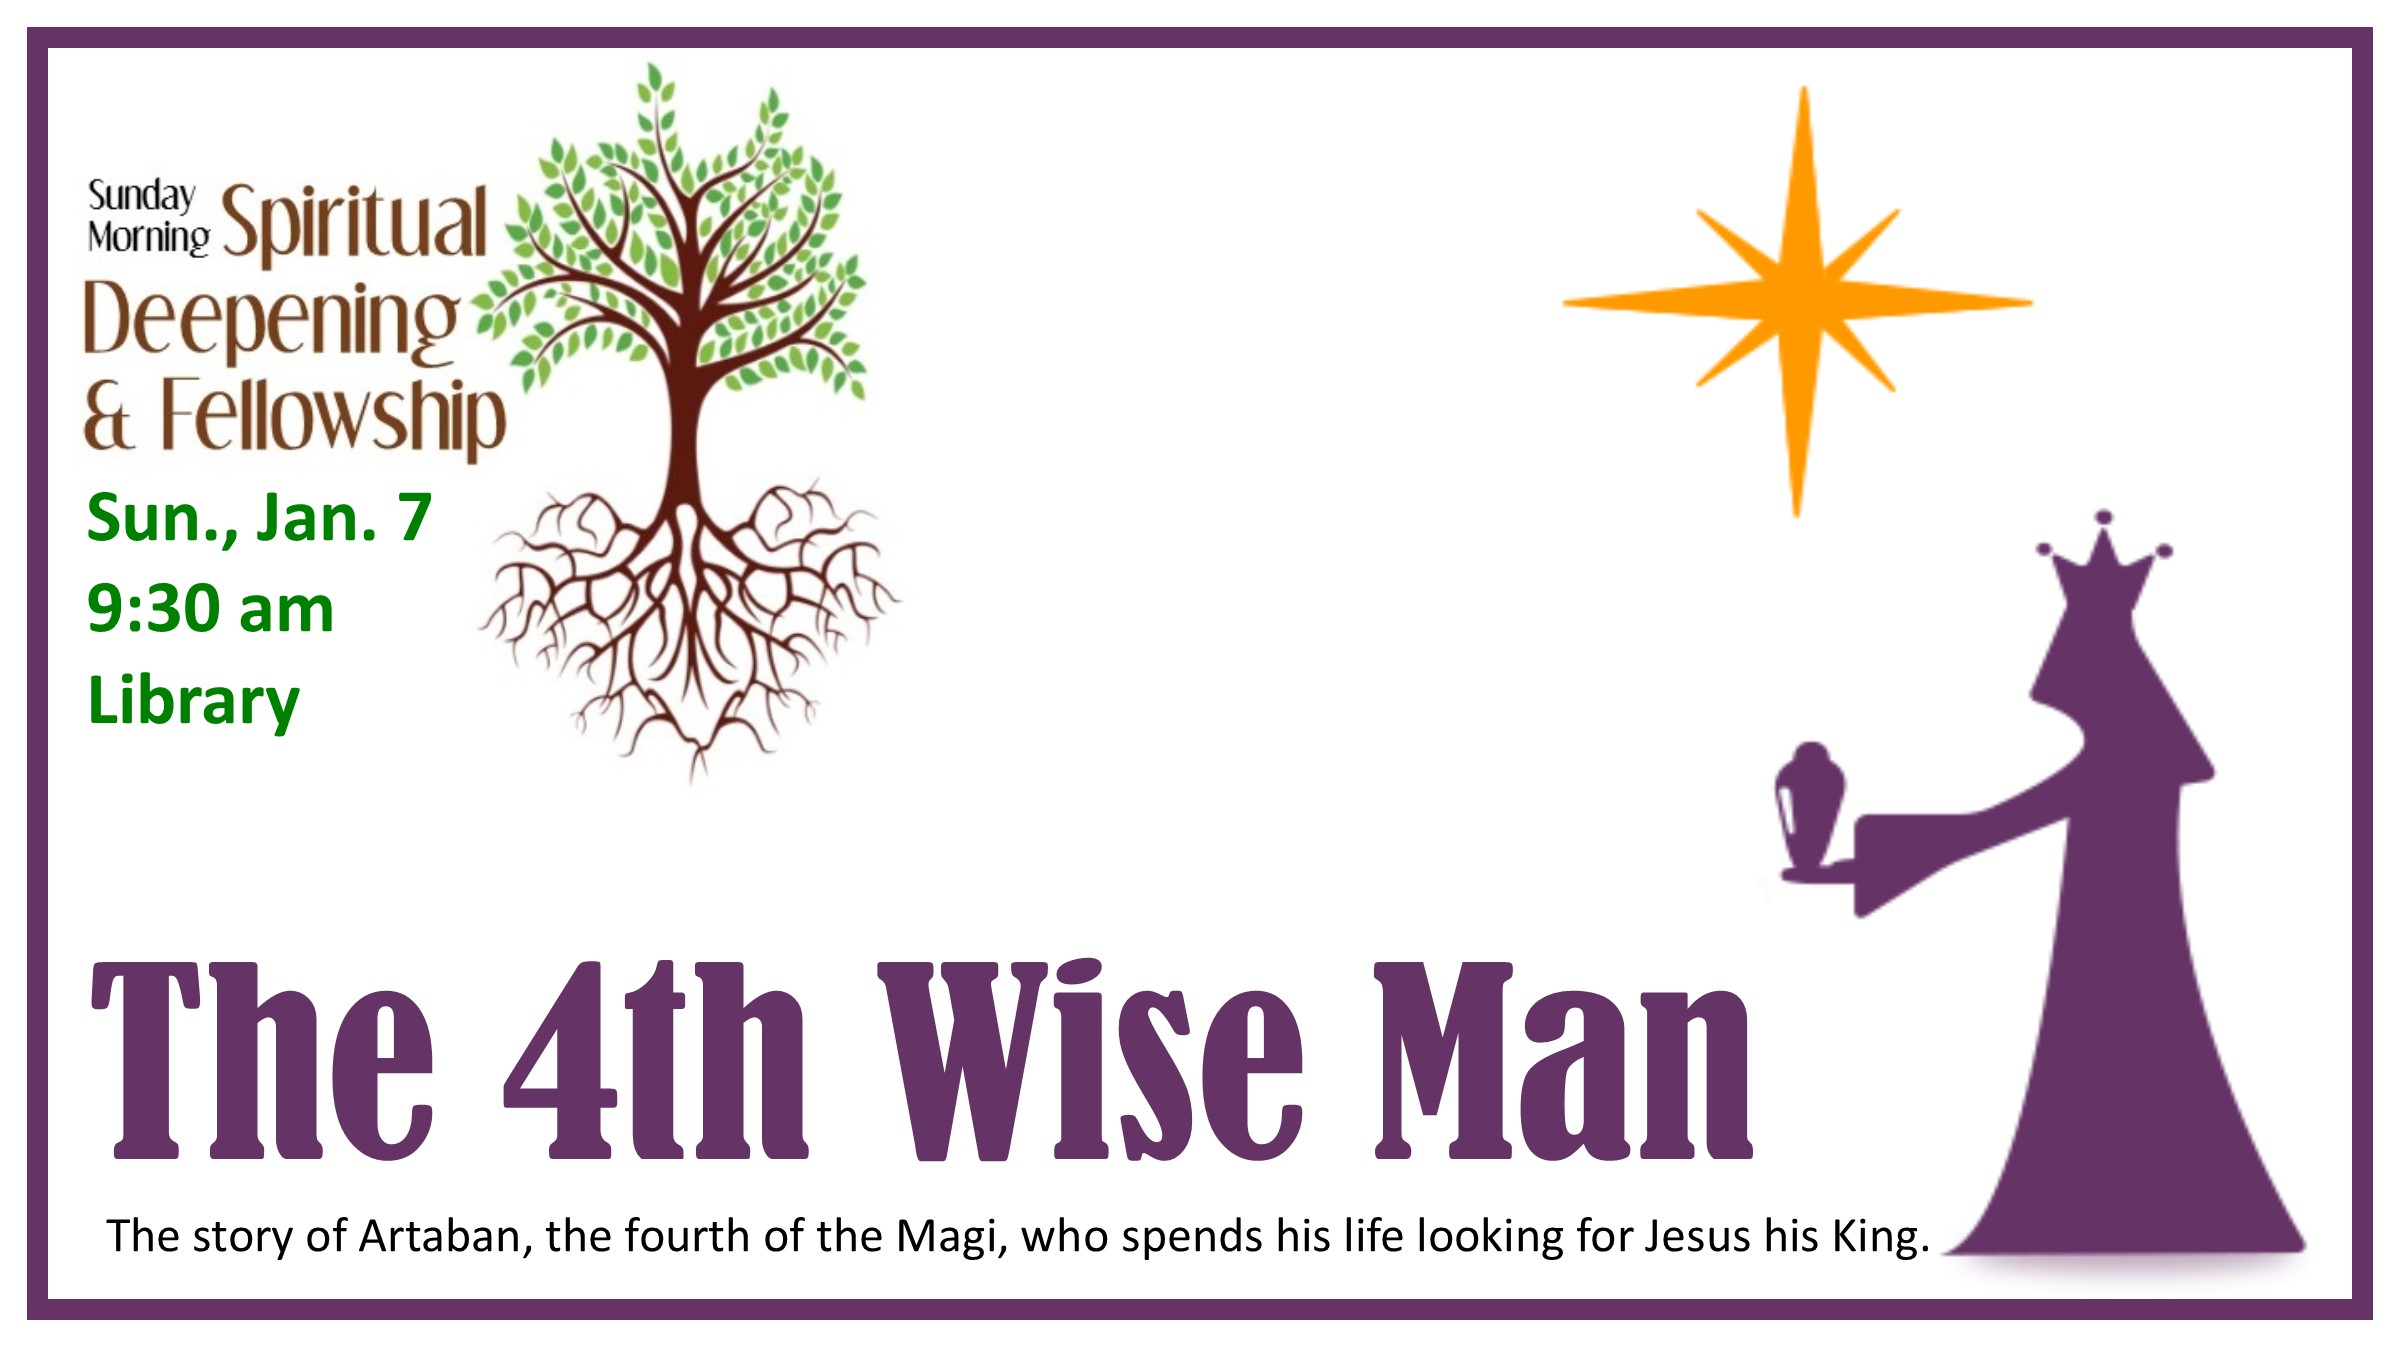 2018-01-07 The 4th Wise Man 16 x 9.jpg